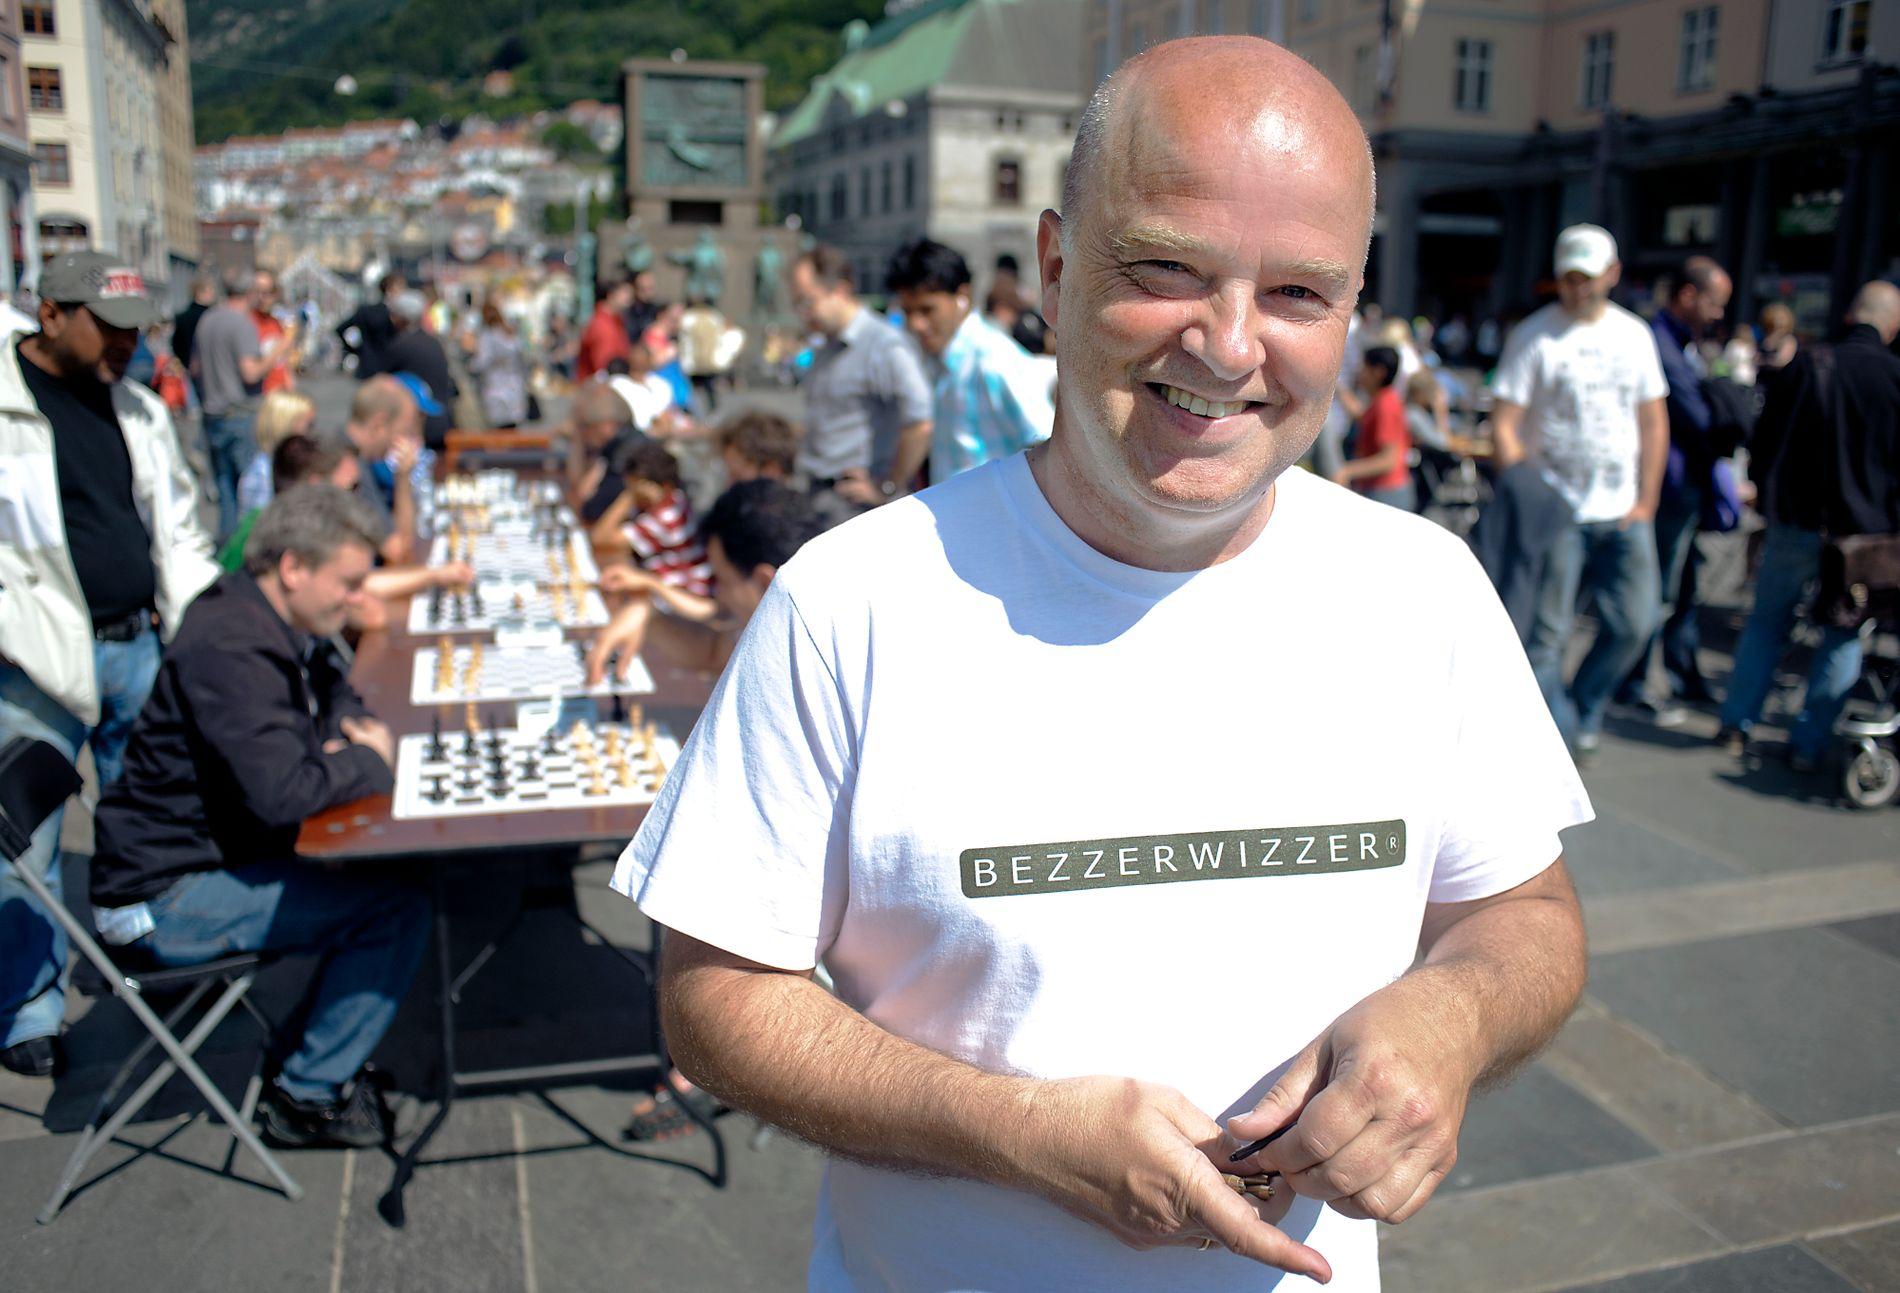 FESTIVAL: Her er Jan Arild Breistein under Spillfestivalen på Torgallmenningen i år 2011.